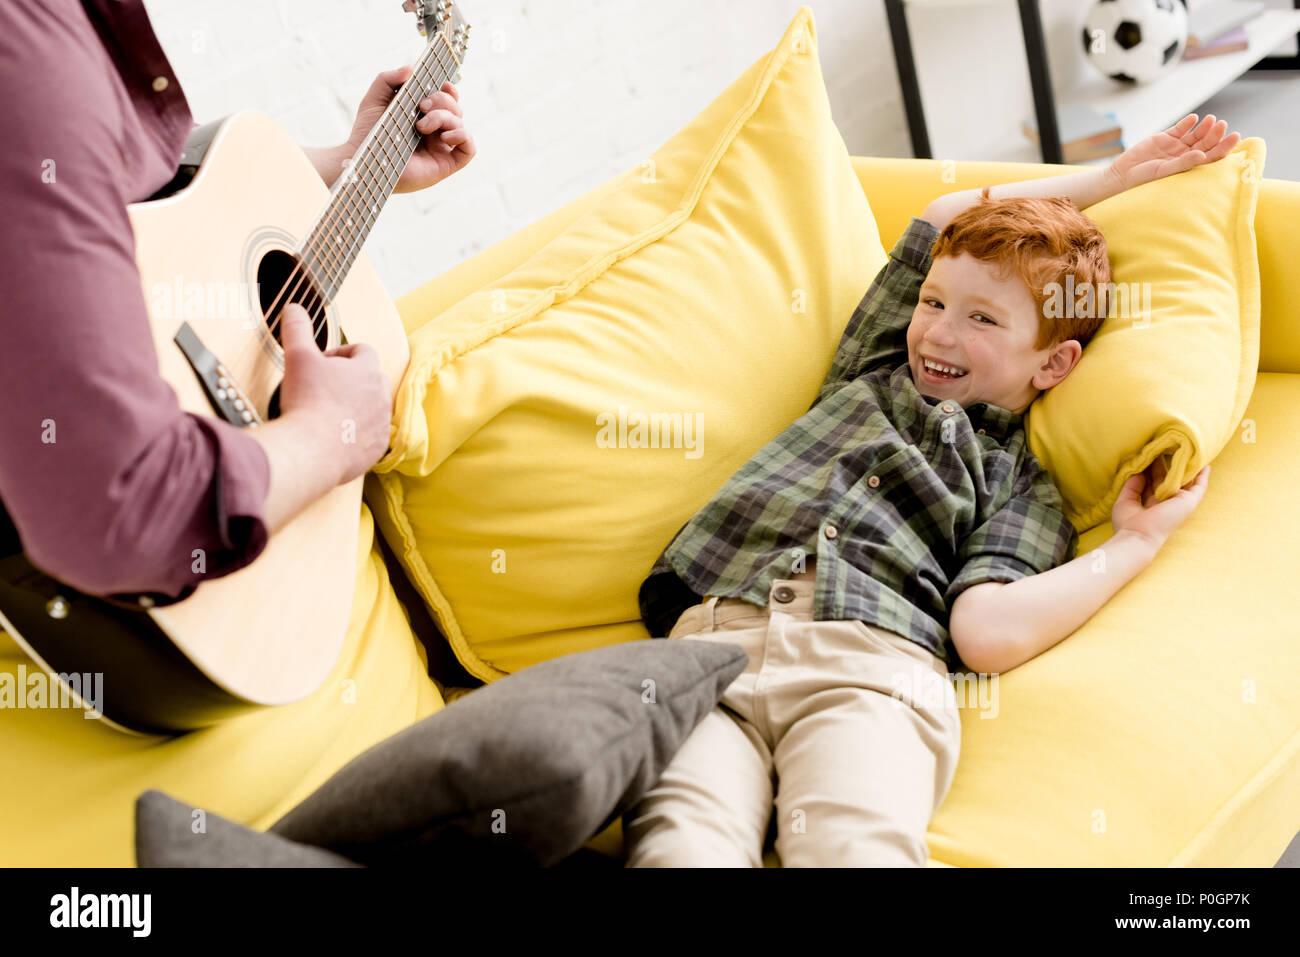 Ritagliato colpo di padre suonare la chitarra mentre carino felice figlio sdraiato sul lettino Foto Stock